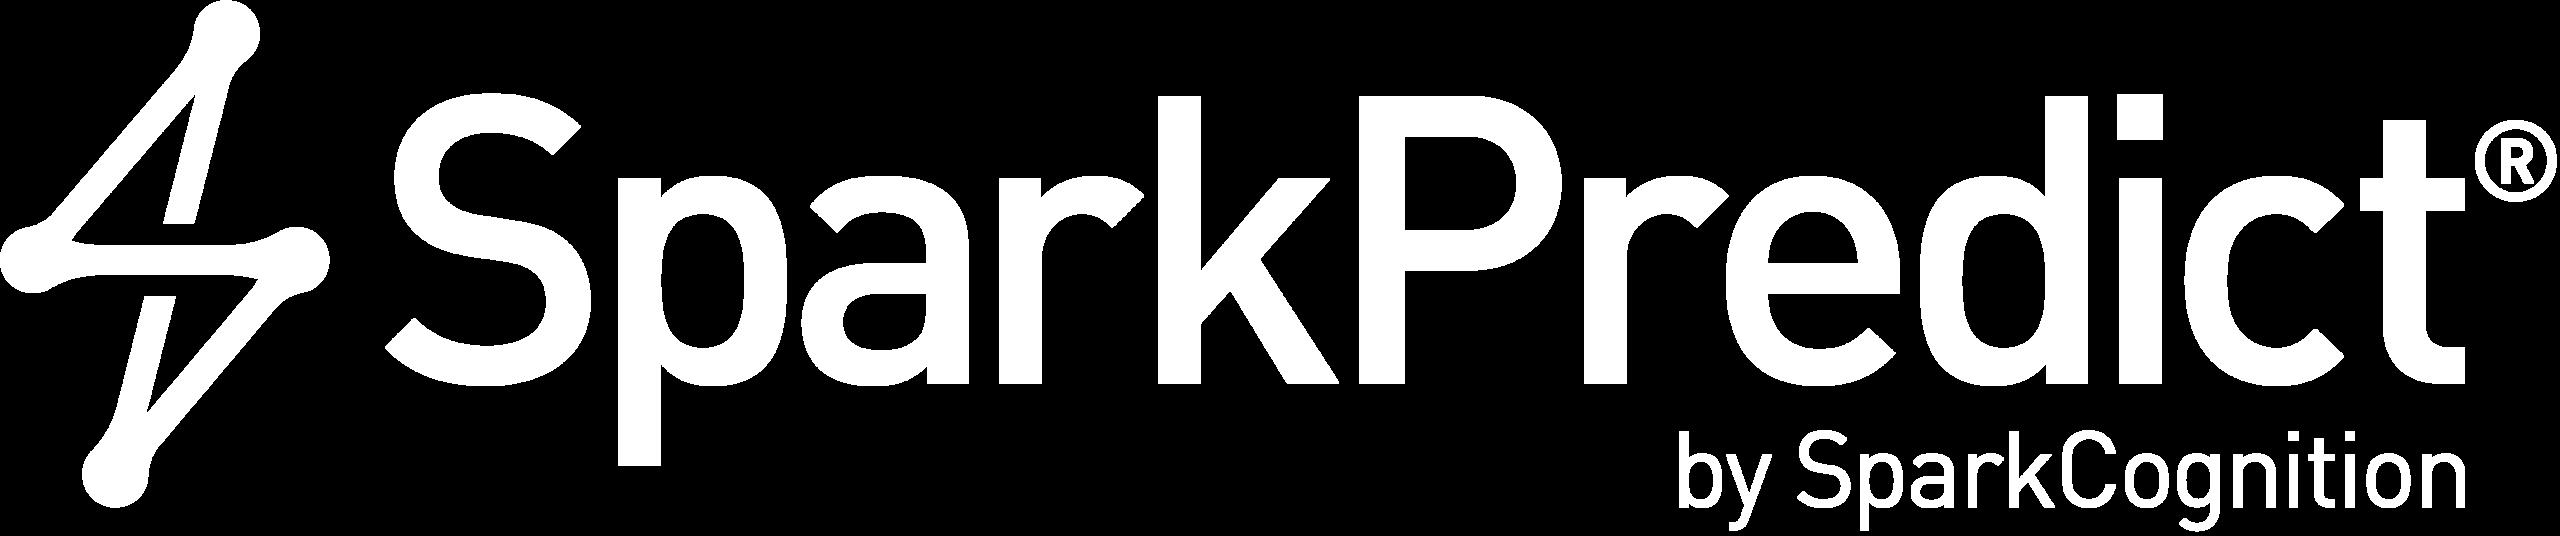 SparkPredict Logo